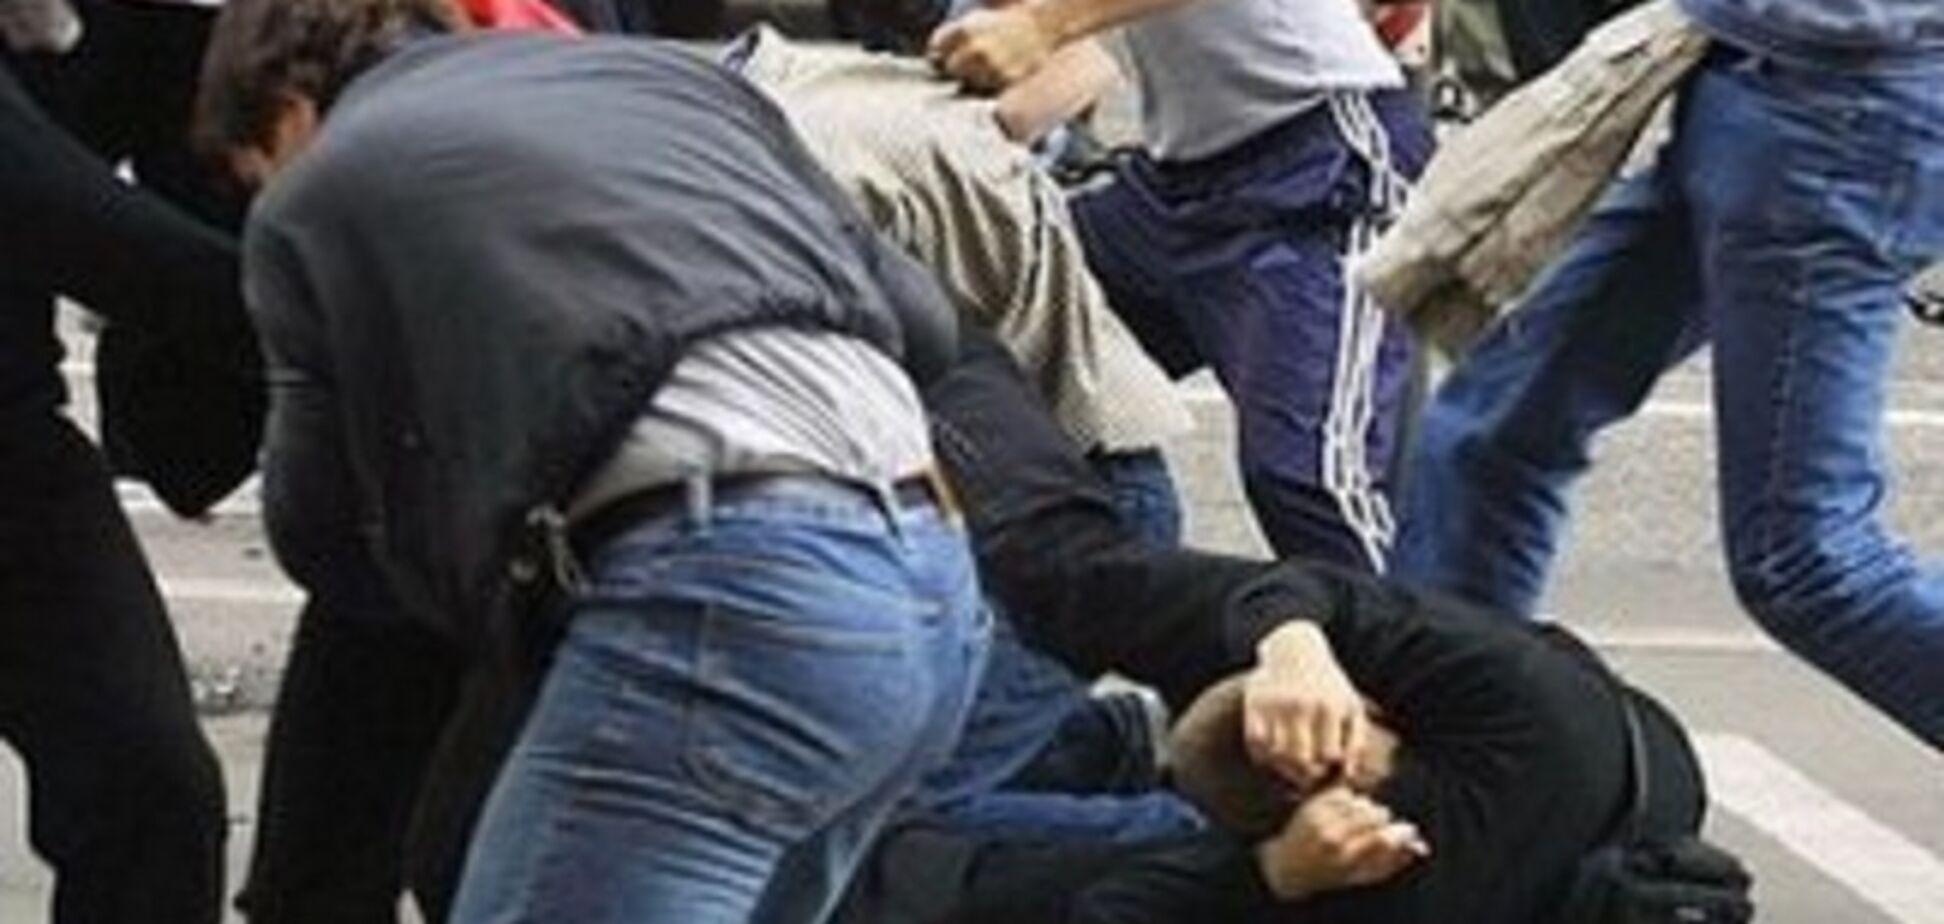 У Росії до напівсмерті побили українського біженця за крики 'За Донбас!'